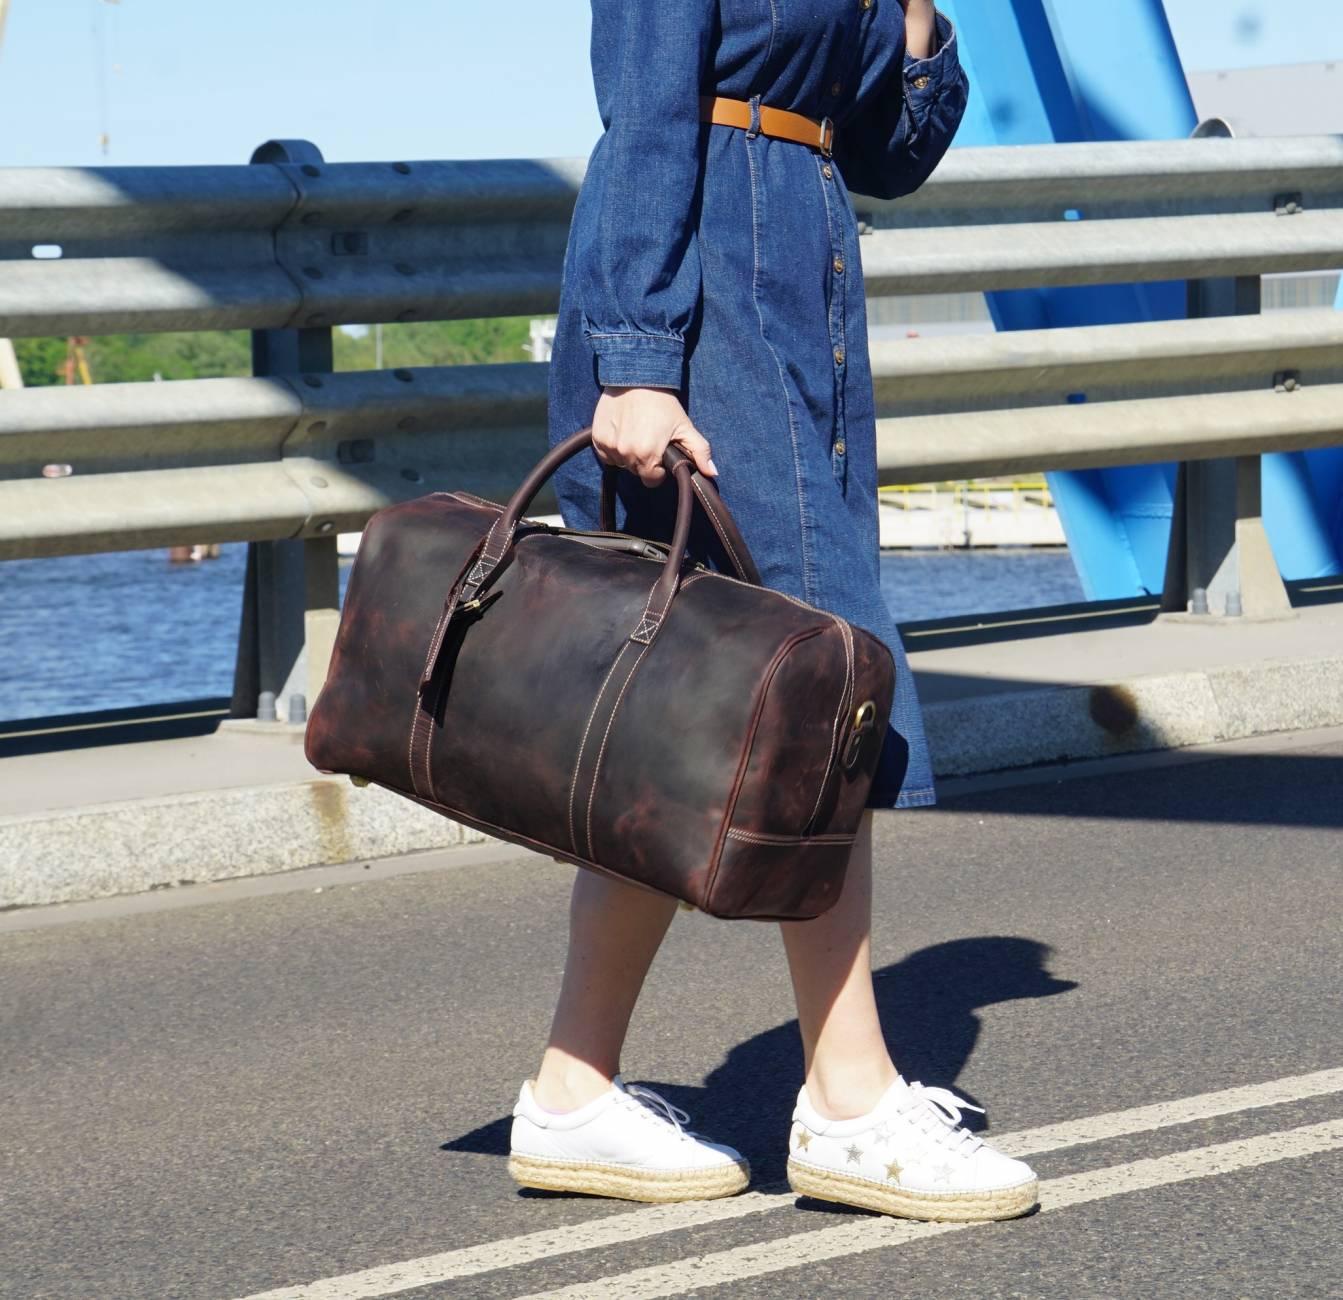 Kobiet ze skórzaną torbą